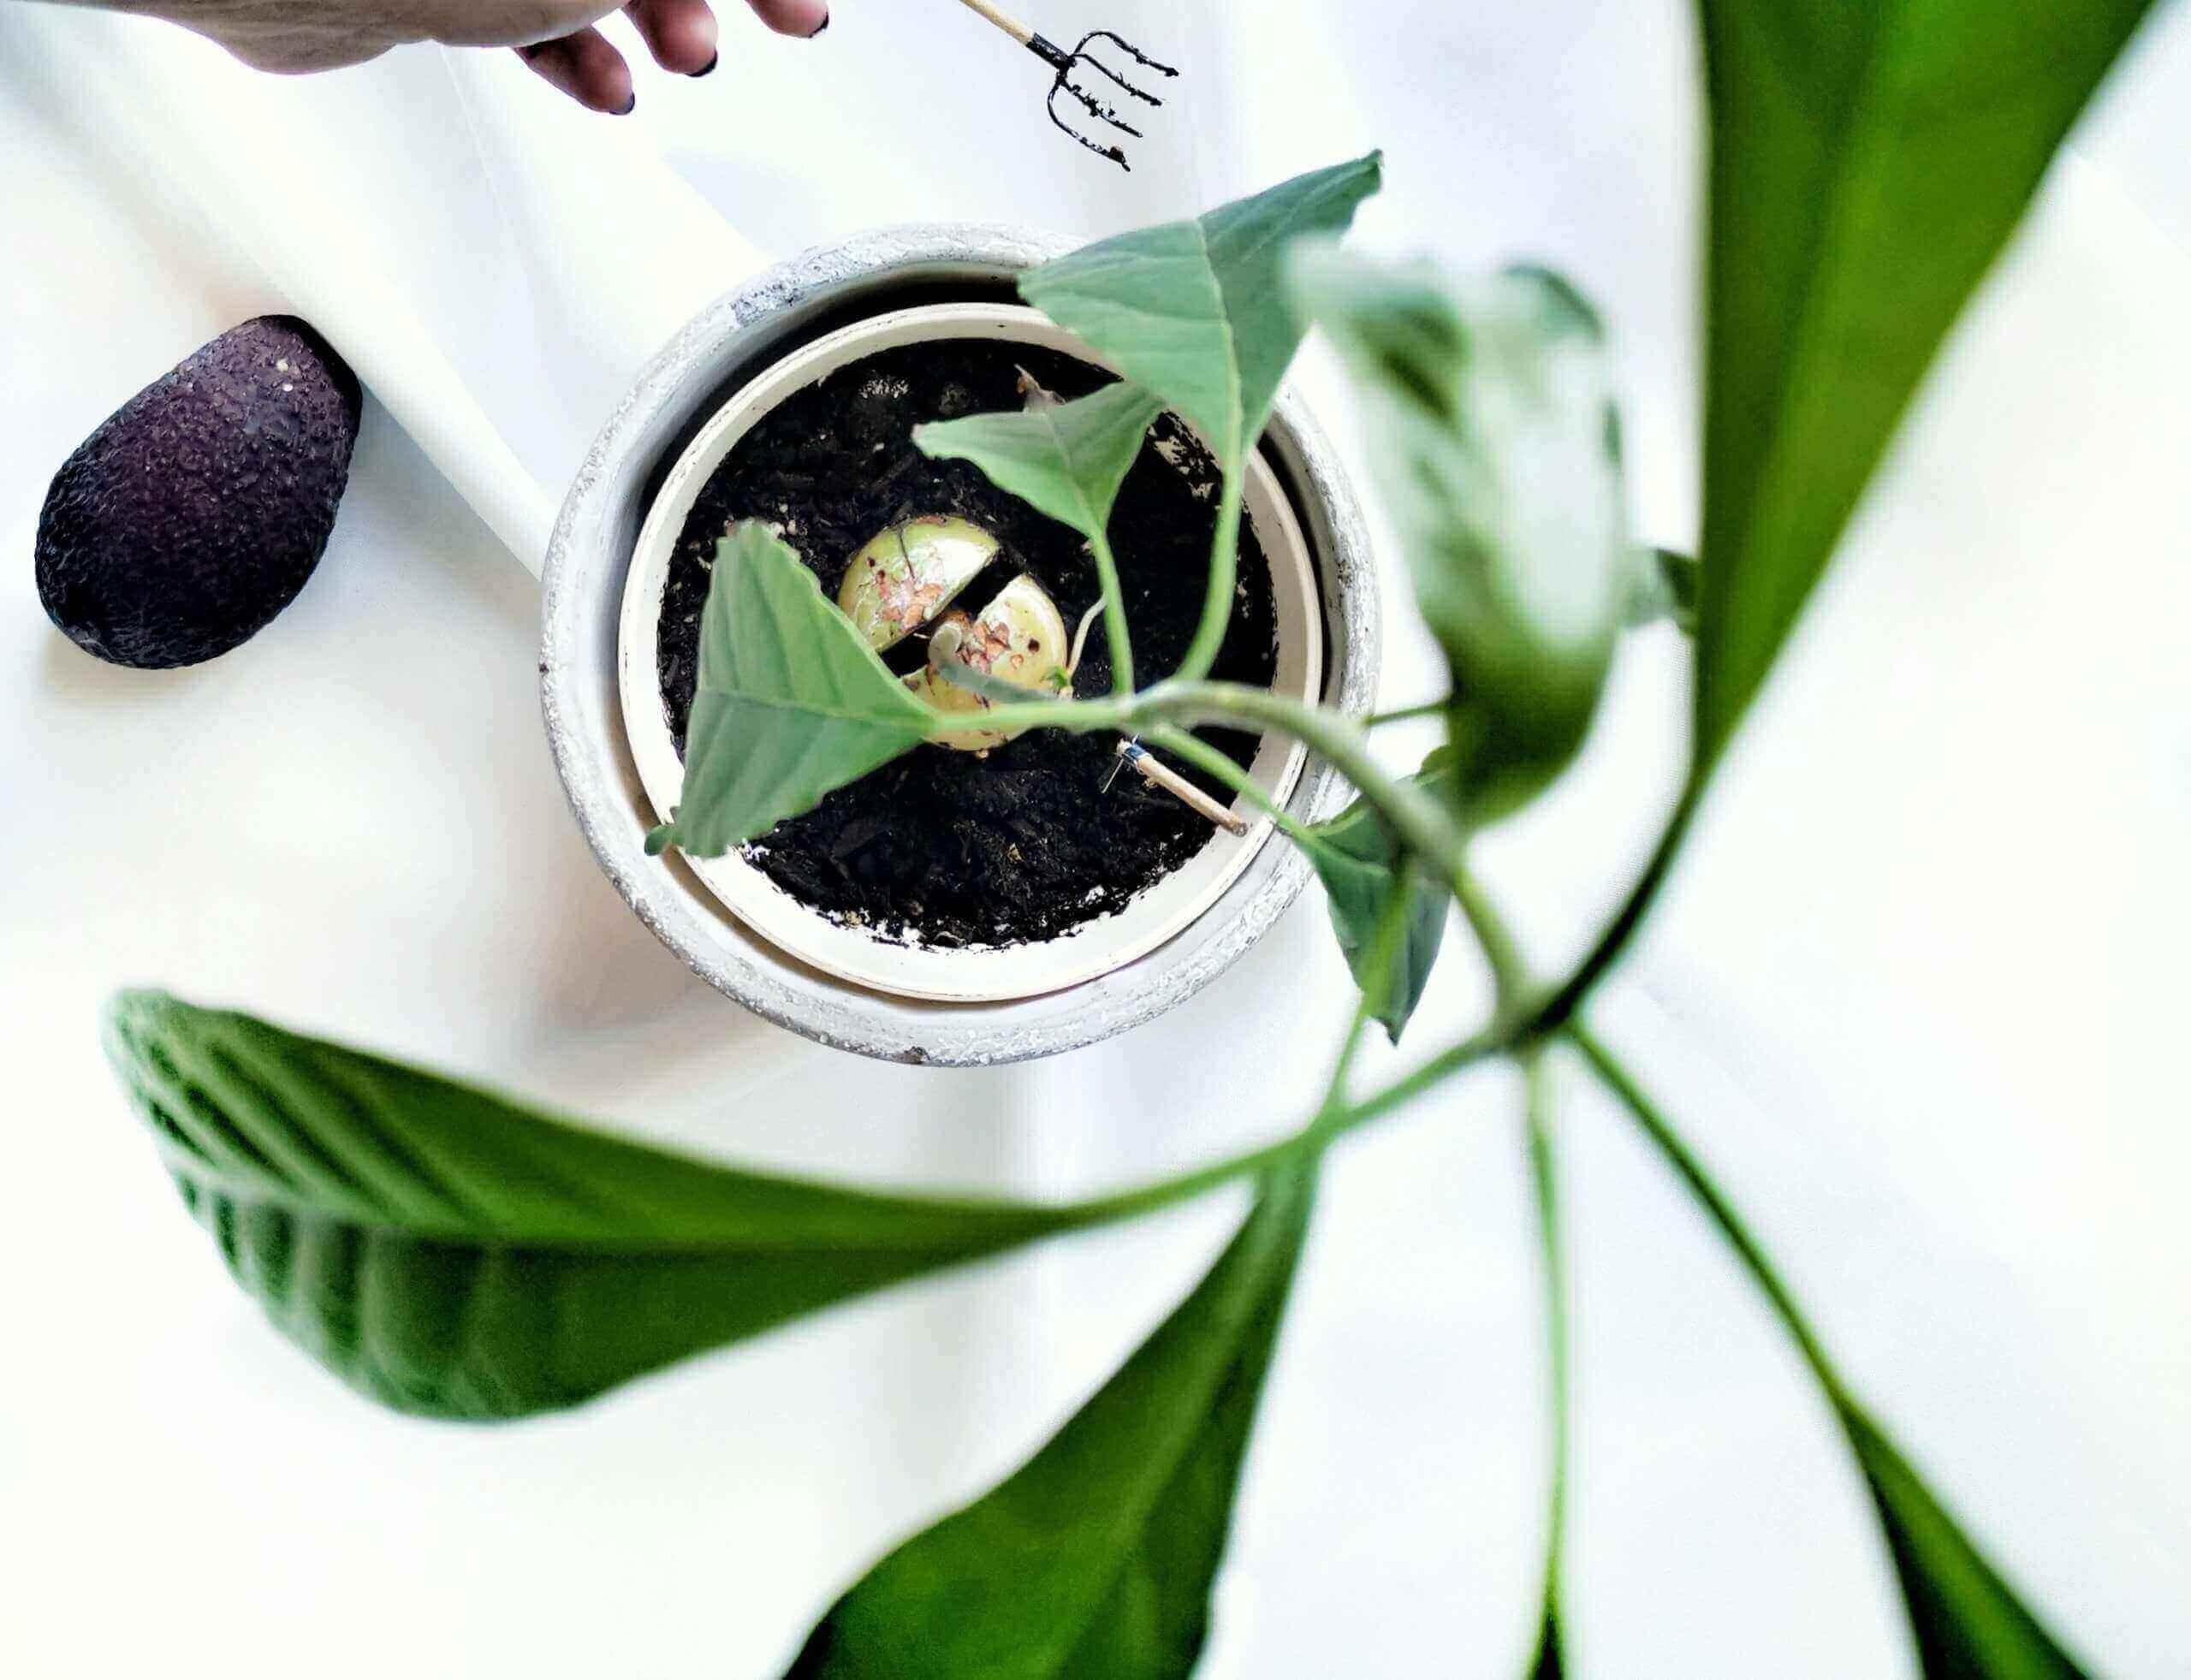 IMG 20200105 122715 01 1 scaled - Z jadierka stromček - Ako si doma vypestovať avokádo?